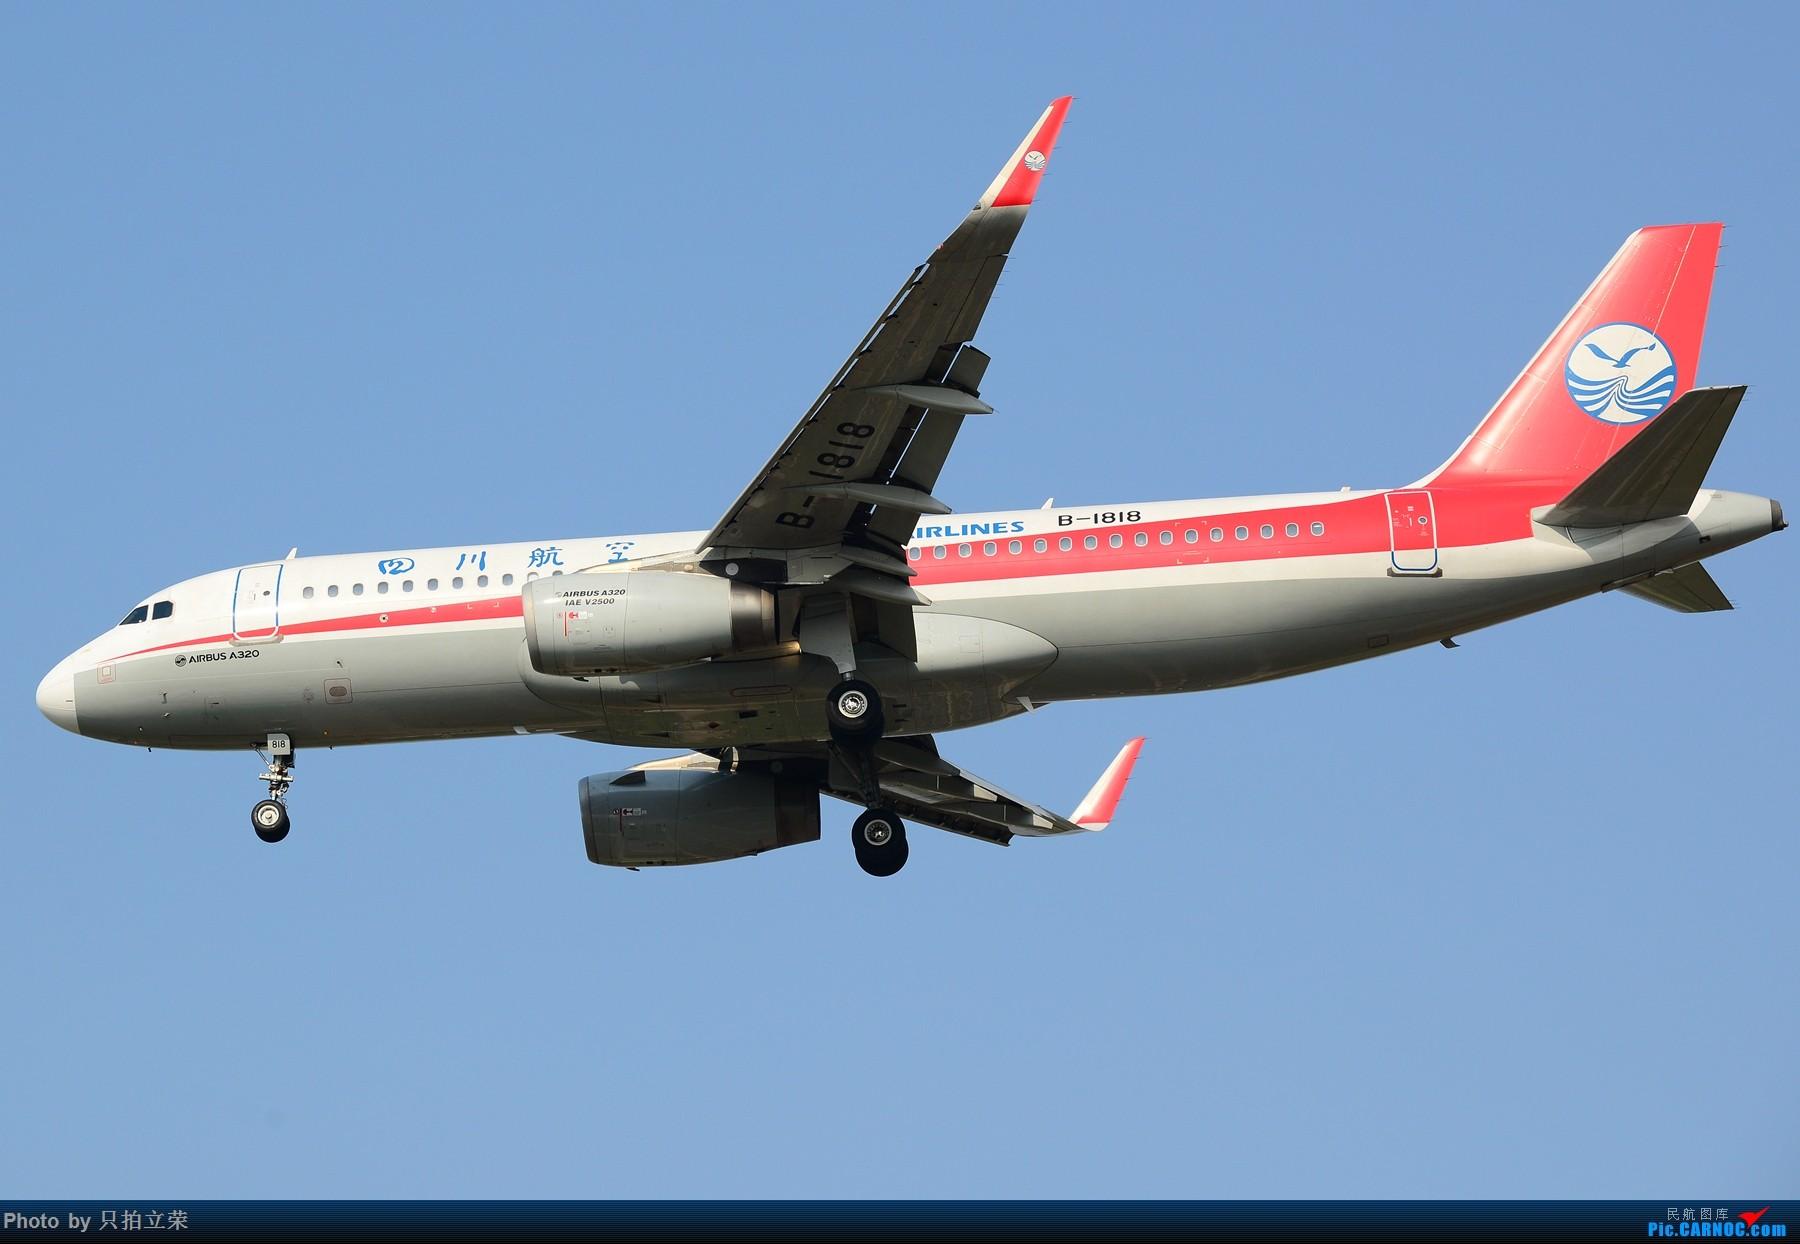 Re:[原创]湖南飞友会:黄花机场首拍飞行的青岛航空,另外好天气不可辜负多送几张好飞机 AIRBUS A320-200 B-1818 中国长沙黄花国际机场